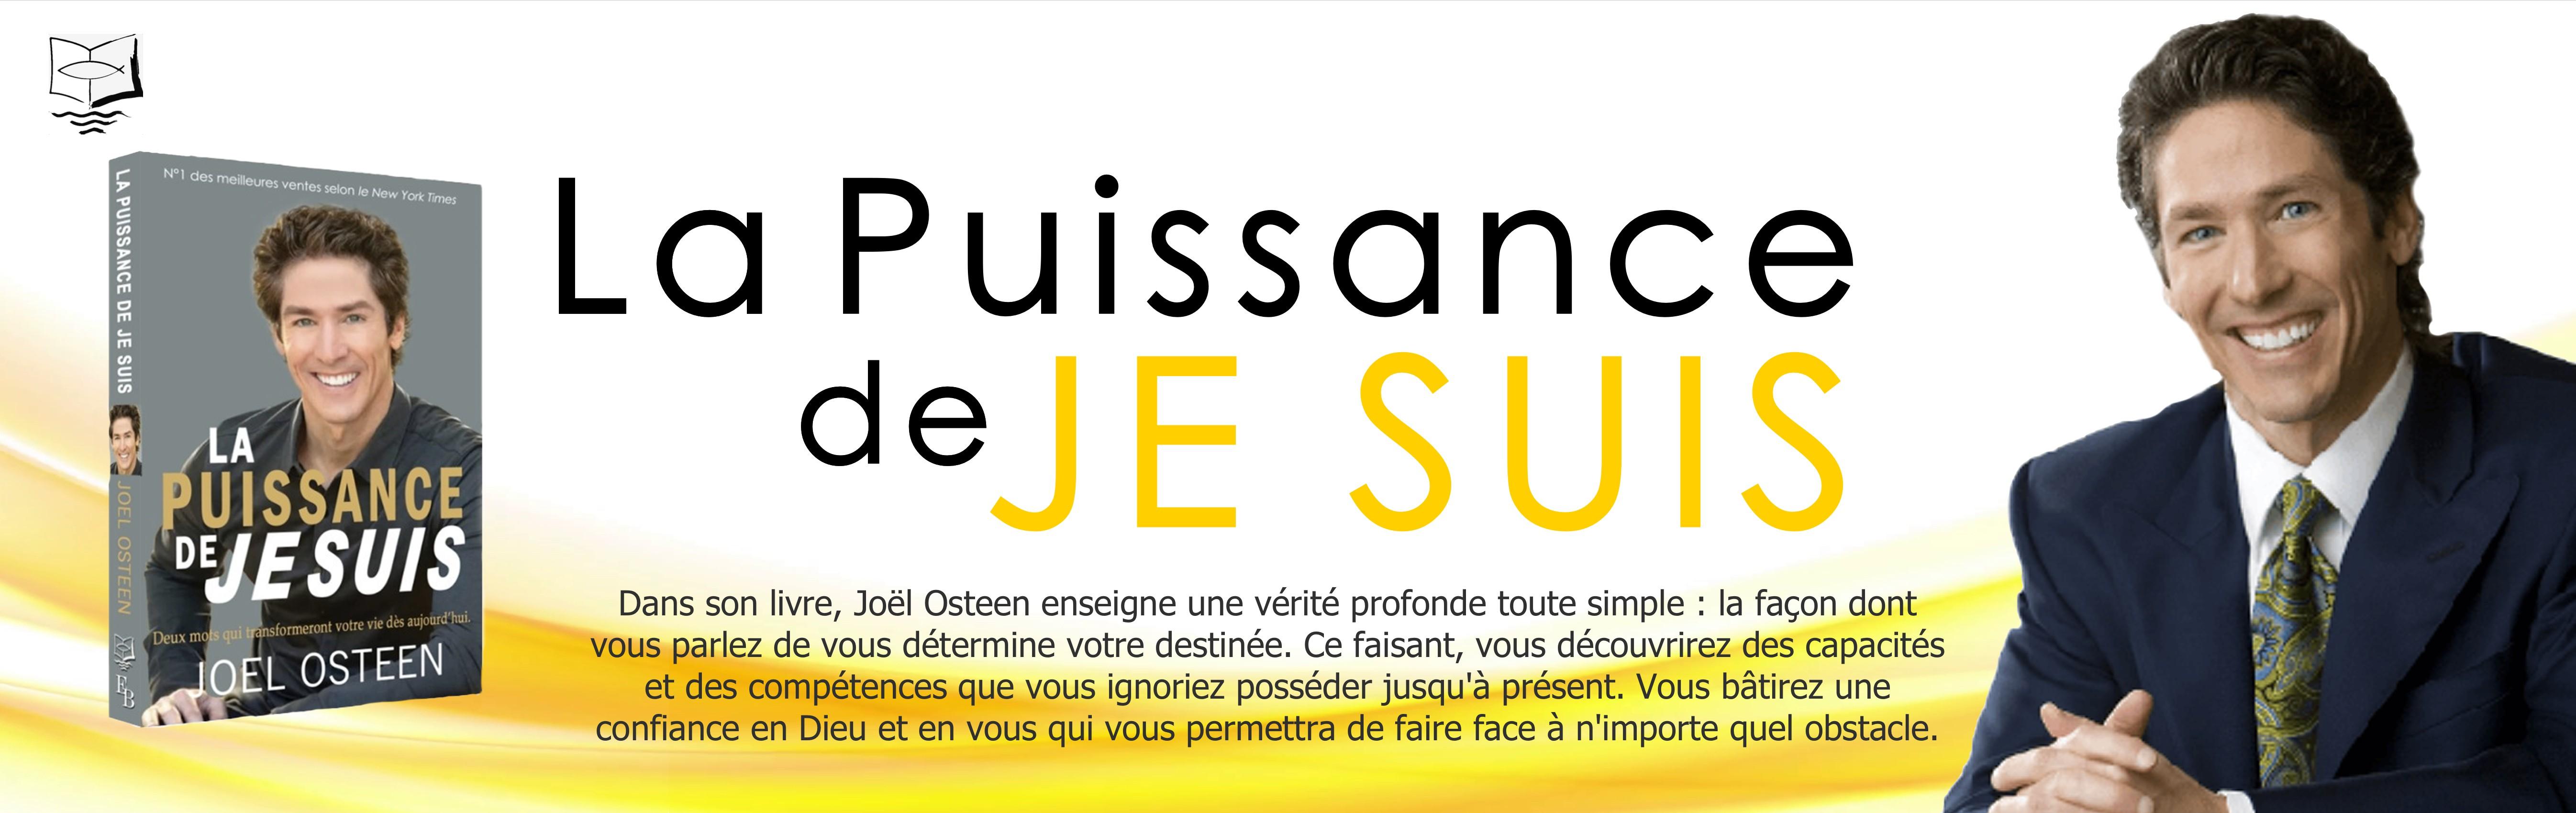 LA PUISSANCE DE JE SUIS - JOEL OSTEEN